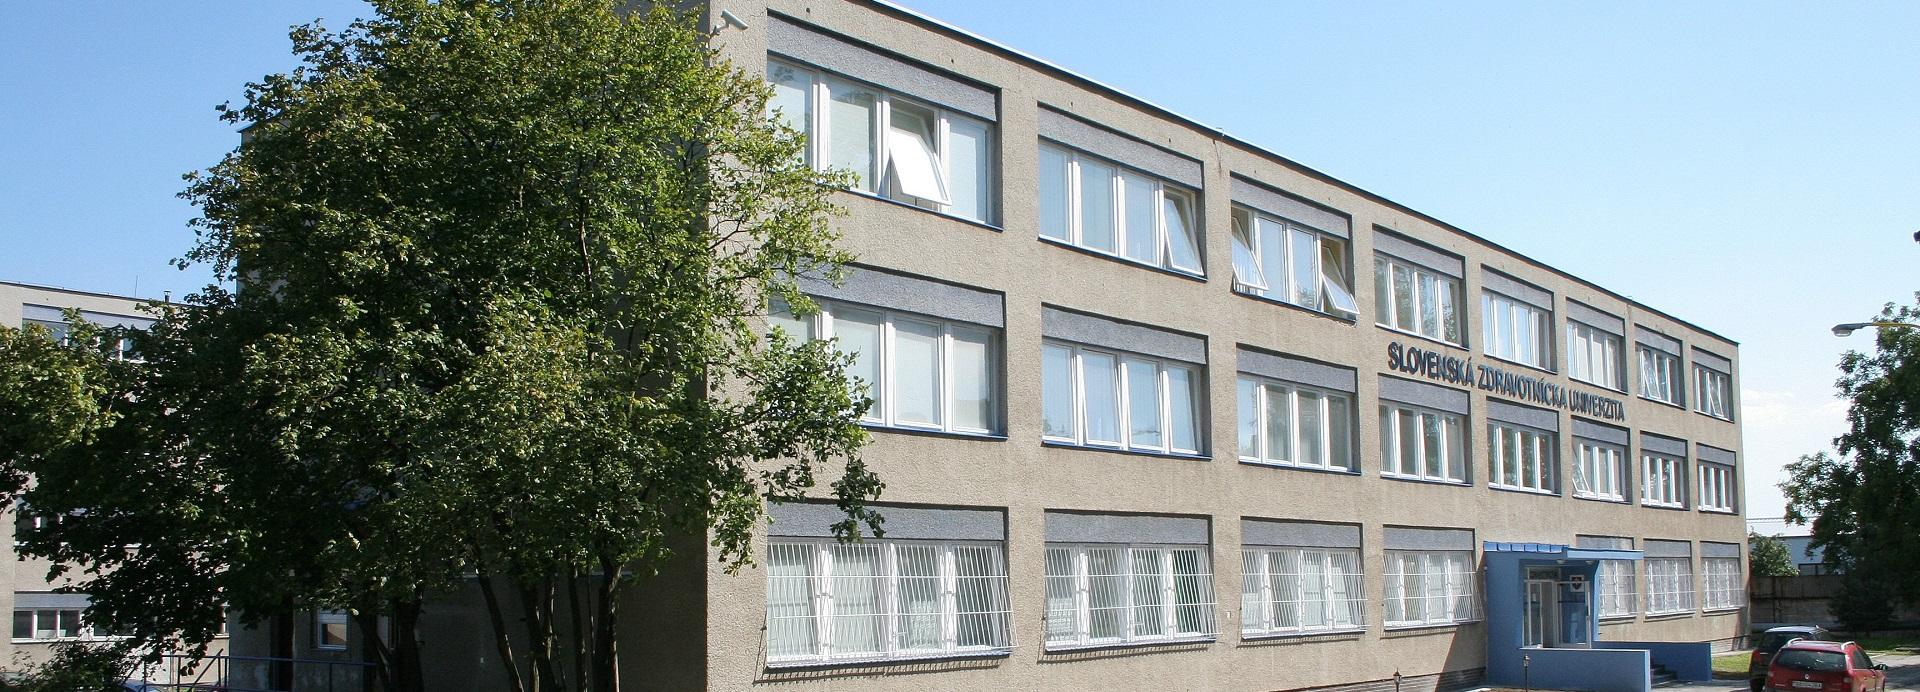 Fakulta zdravotníctva v Banskej Bystrici